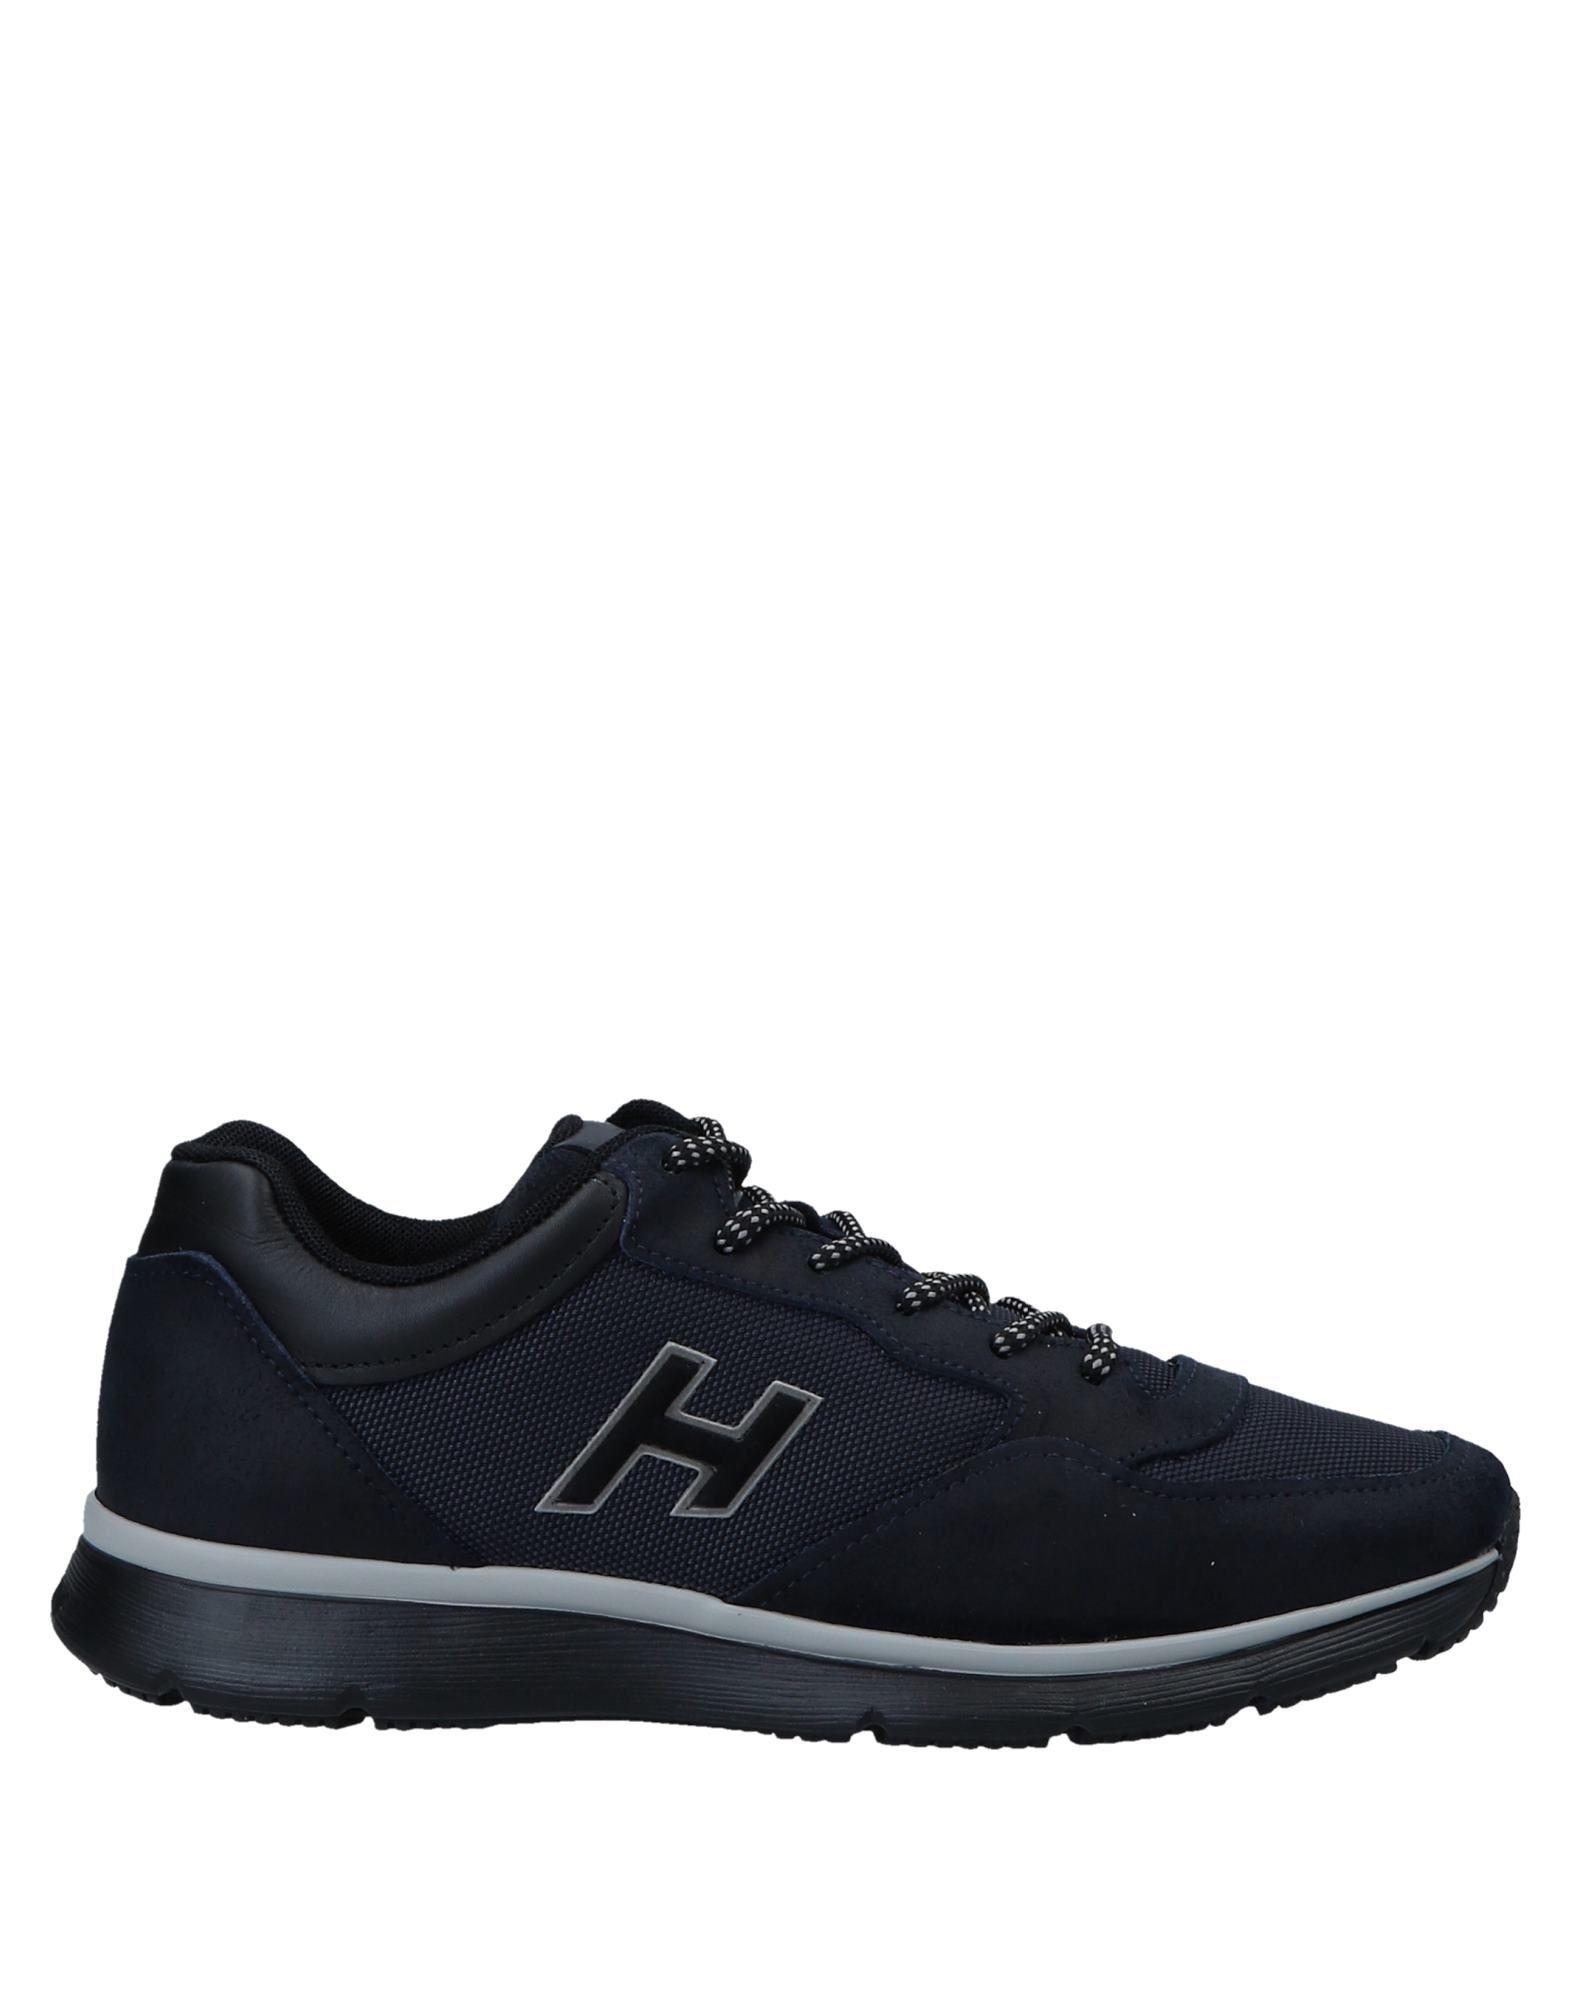 Hogan Sneakers Herren  11560634IM Gute Qualität beliebte Schuhe